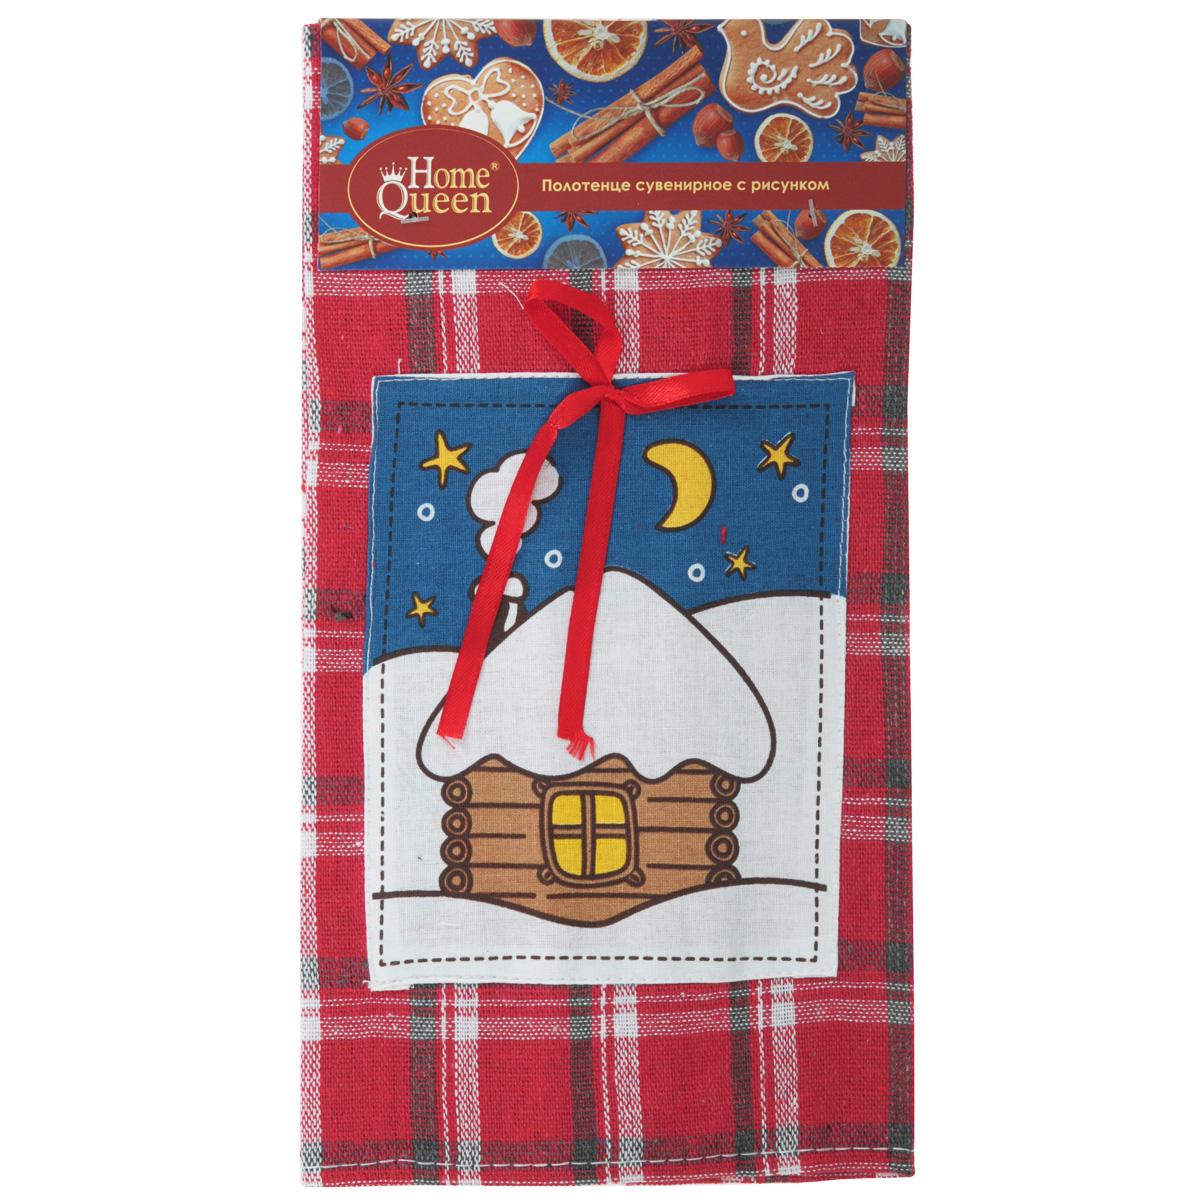 Полотенце сувенирное Home Queen, 36 см х 58 см65035Сувенирное полотенце Home Queen изготовлено из хлопка. Изделие оформлено принтом в клетку и нашивкой с зимним пейзажем. Такое полотенце красиво дополнит интерьер кухни к праздникам, а также послужит прекрасным новогодним подарком.